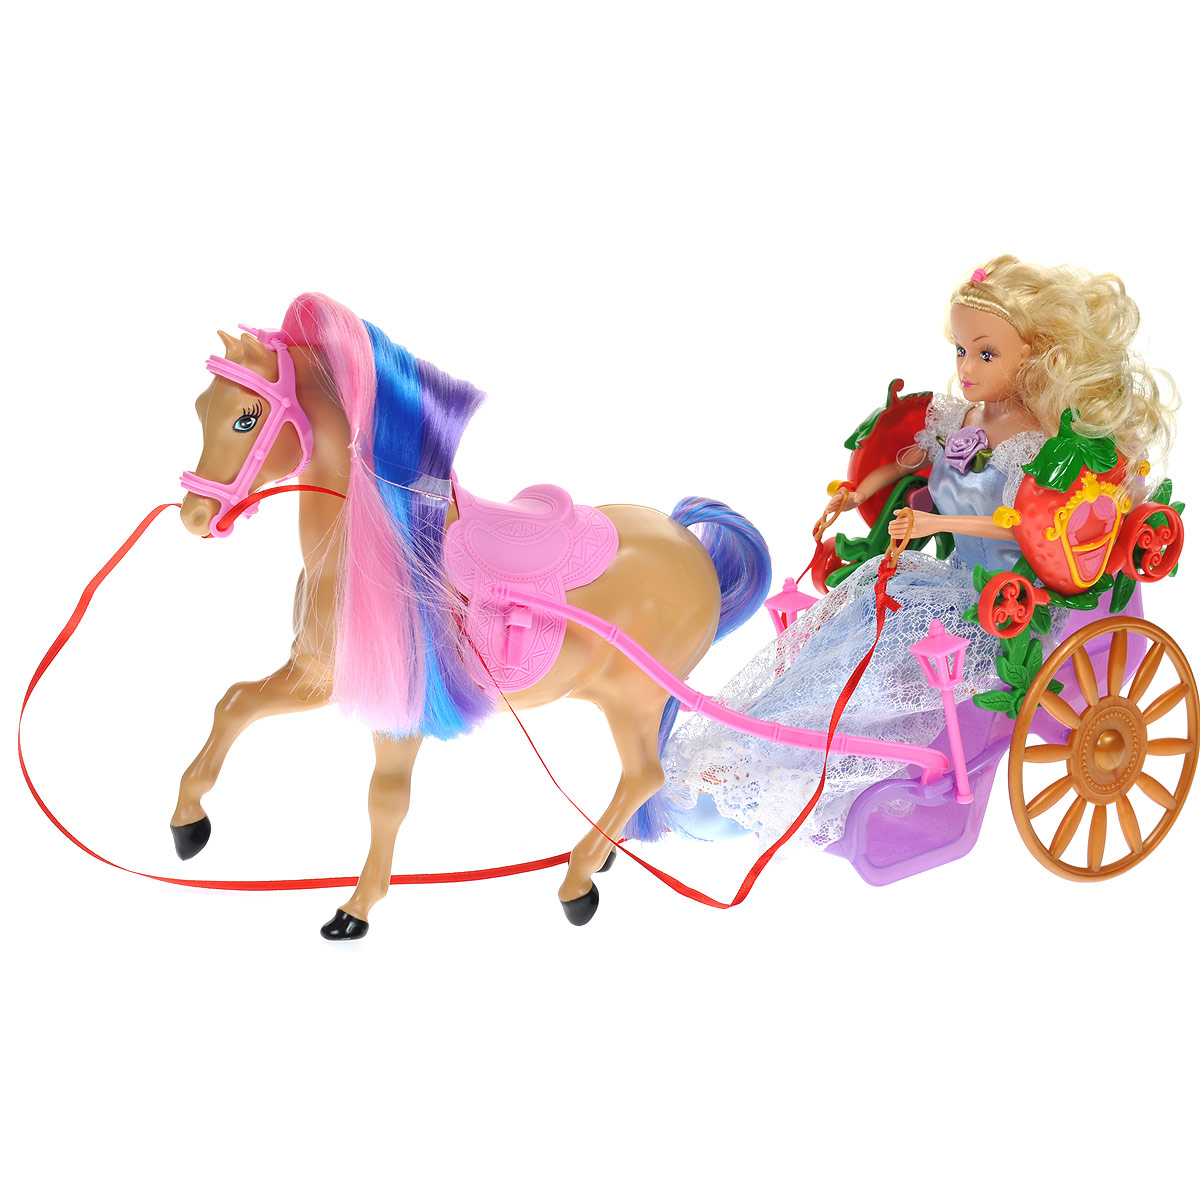 WSBD World Игровой набор с куклой Лошадь с повозкой и куклой wsbd world конструктор музыкальный поезд из шестеренок